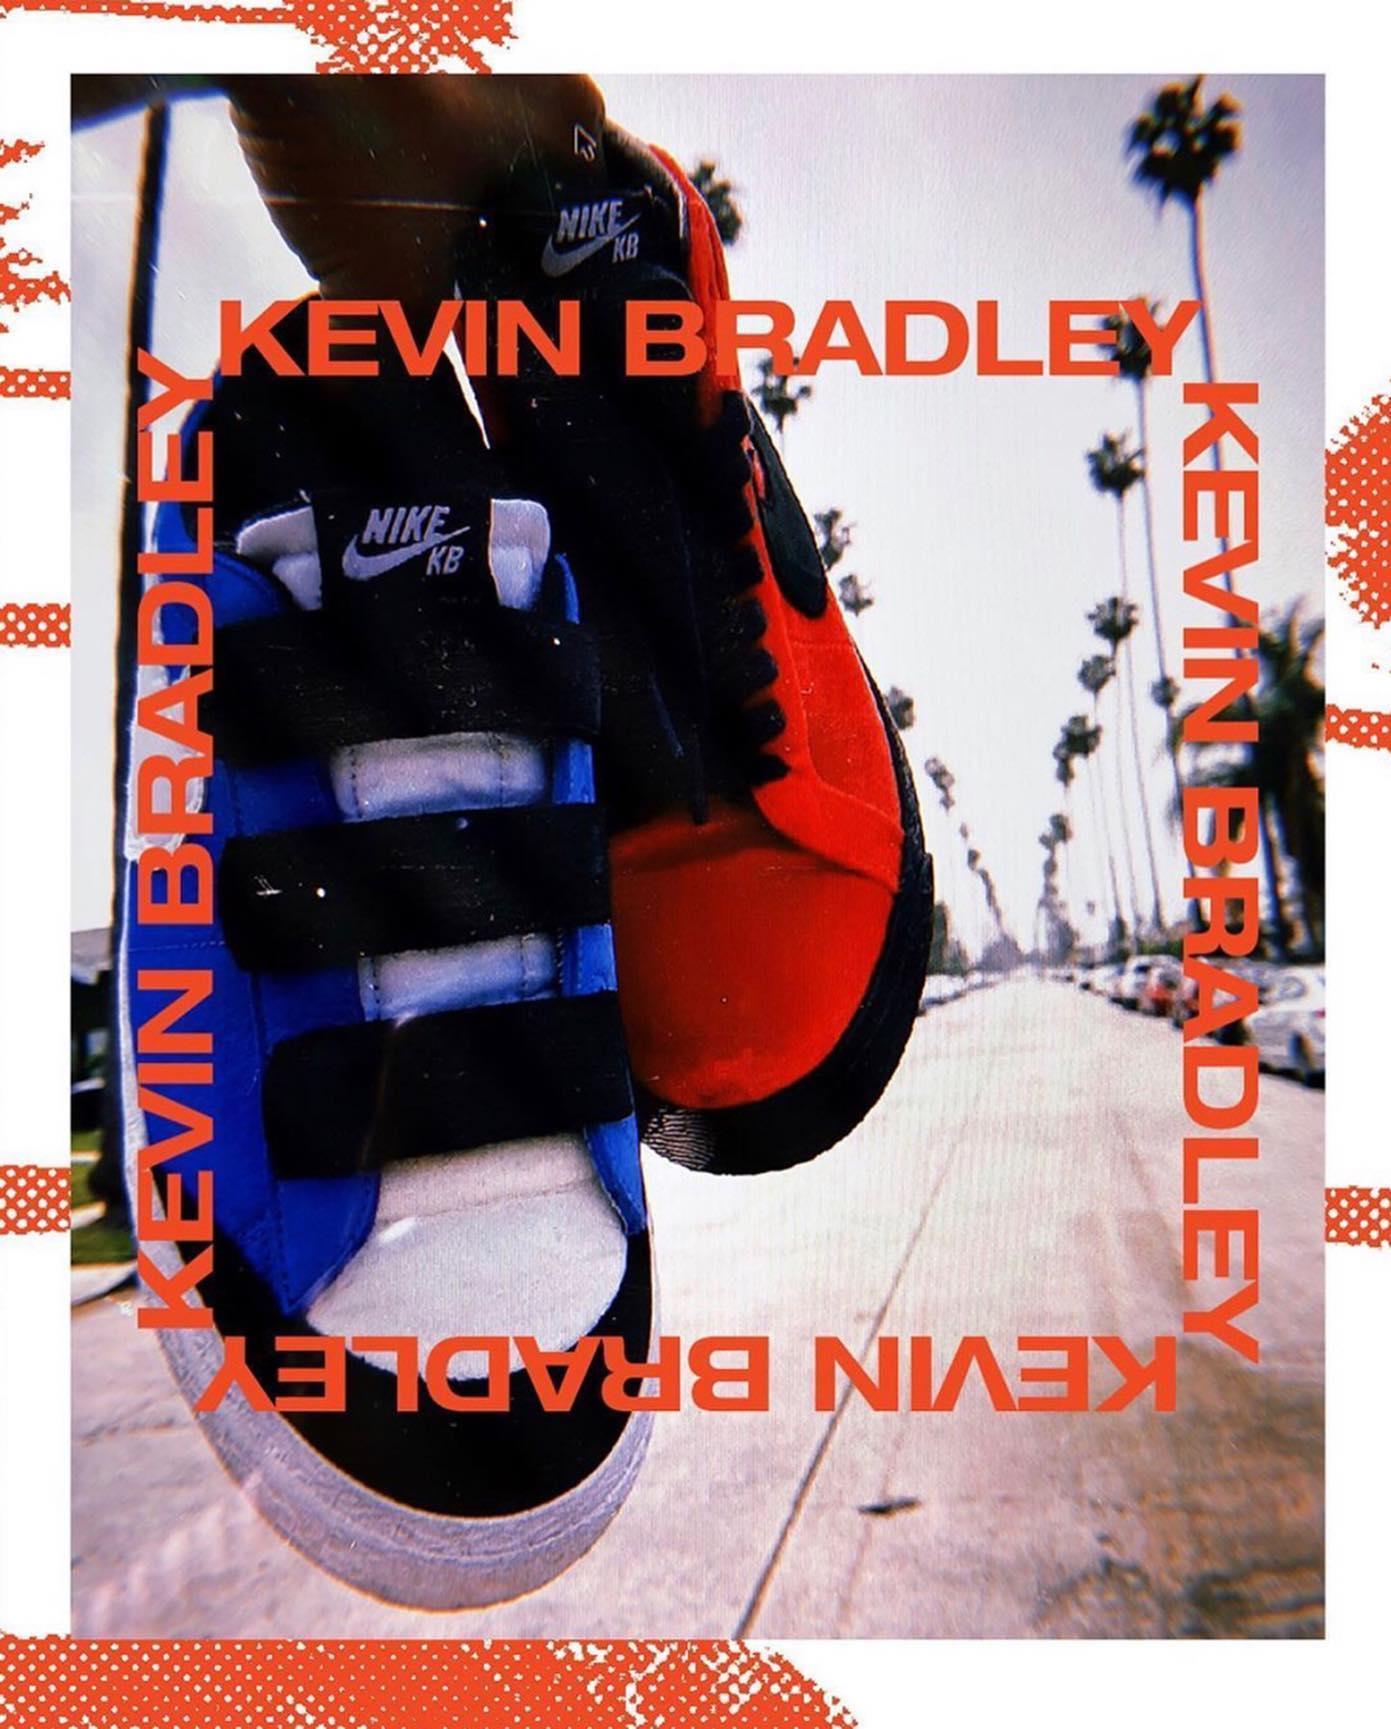 """・【NIKE SB ZOOM BLAZER AC XT ISO】 """"KEVIN & HELL PACK""""&【NIKE SB ZOOM BLAZER MID ISO】 """"KEVIN & HELL PACK"""" ※浦安ストア店頭での販売はございません#nikesb #orangelabel #kevinbradley #instantskateshop"""